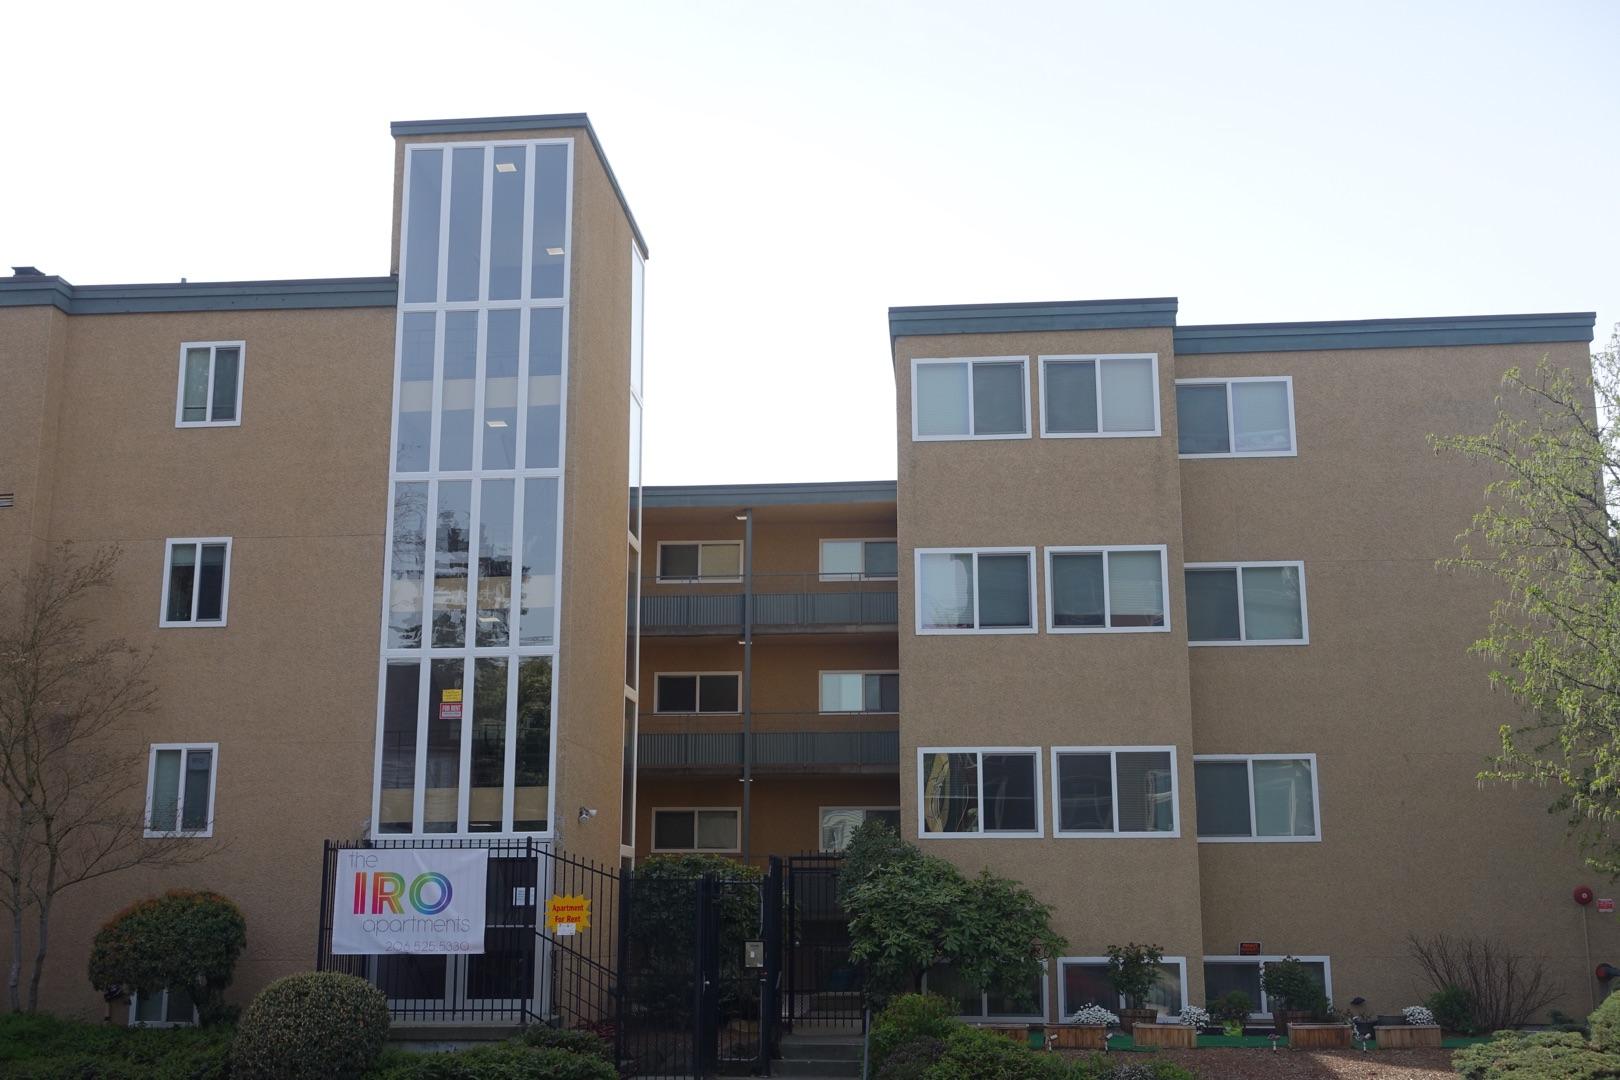 IRO Building.jpg